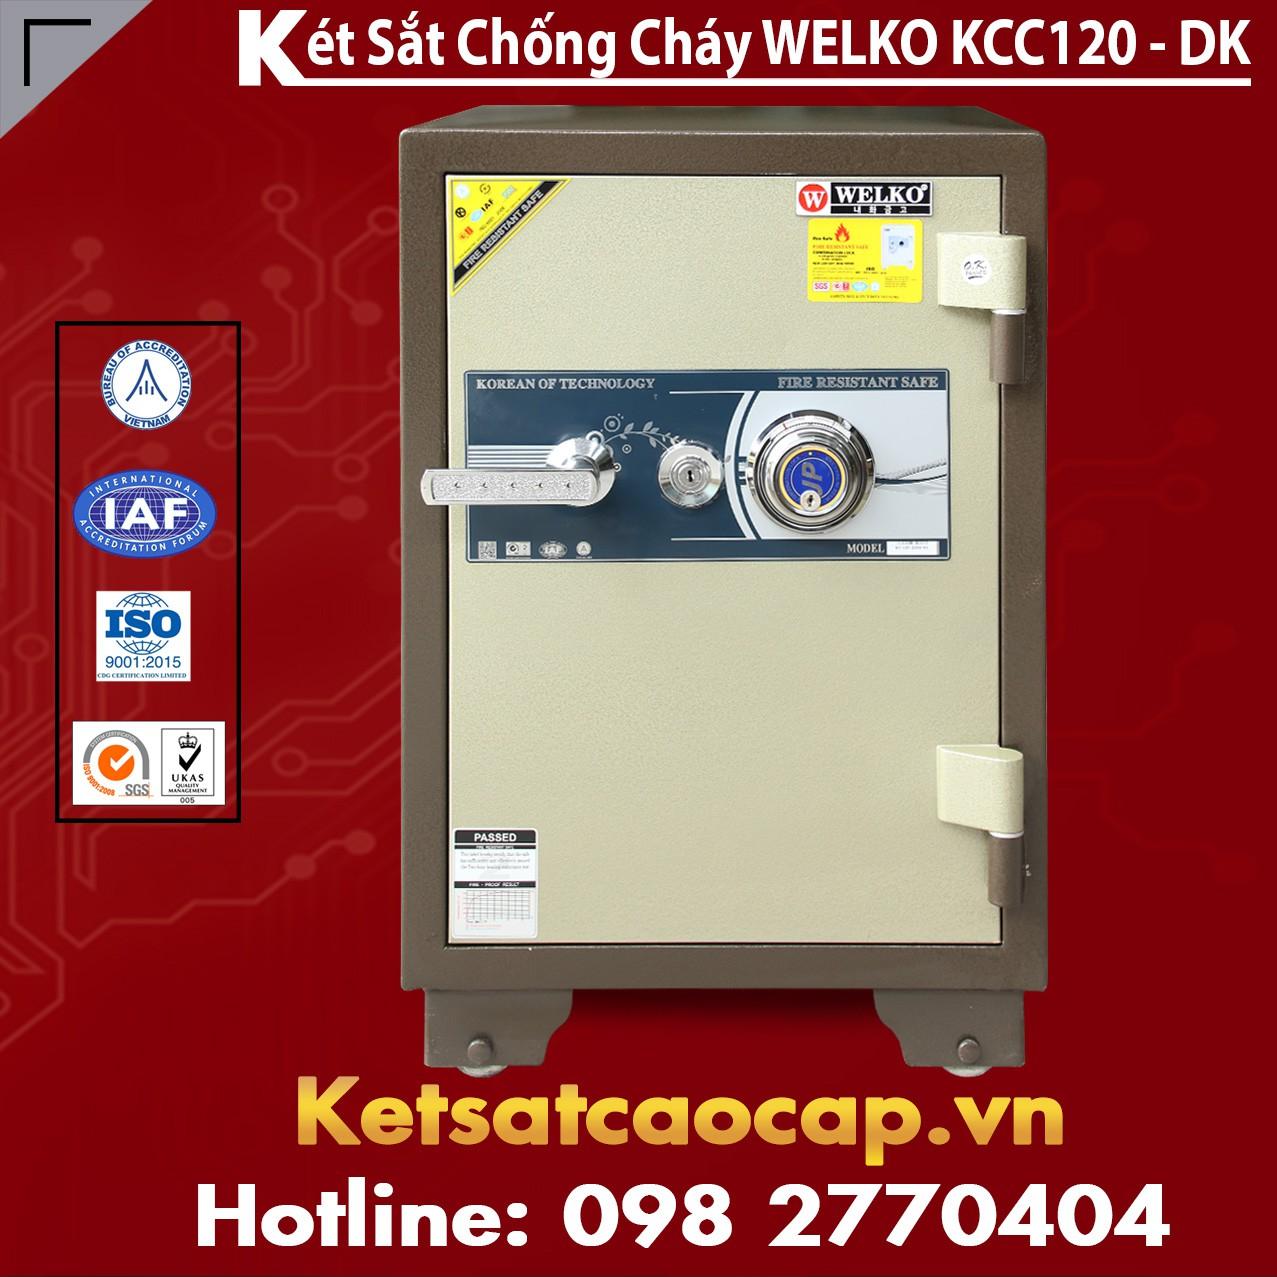 Két Sắt Nhập Khẩu KCC120 DK - Brown